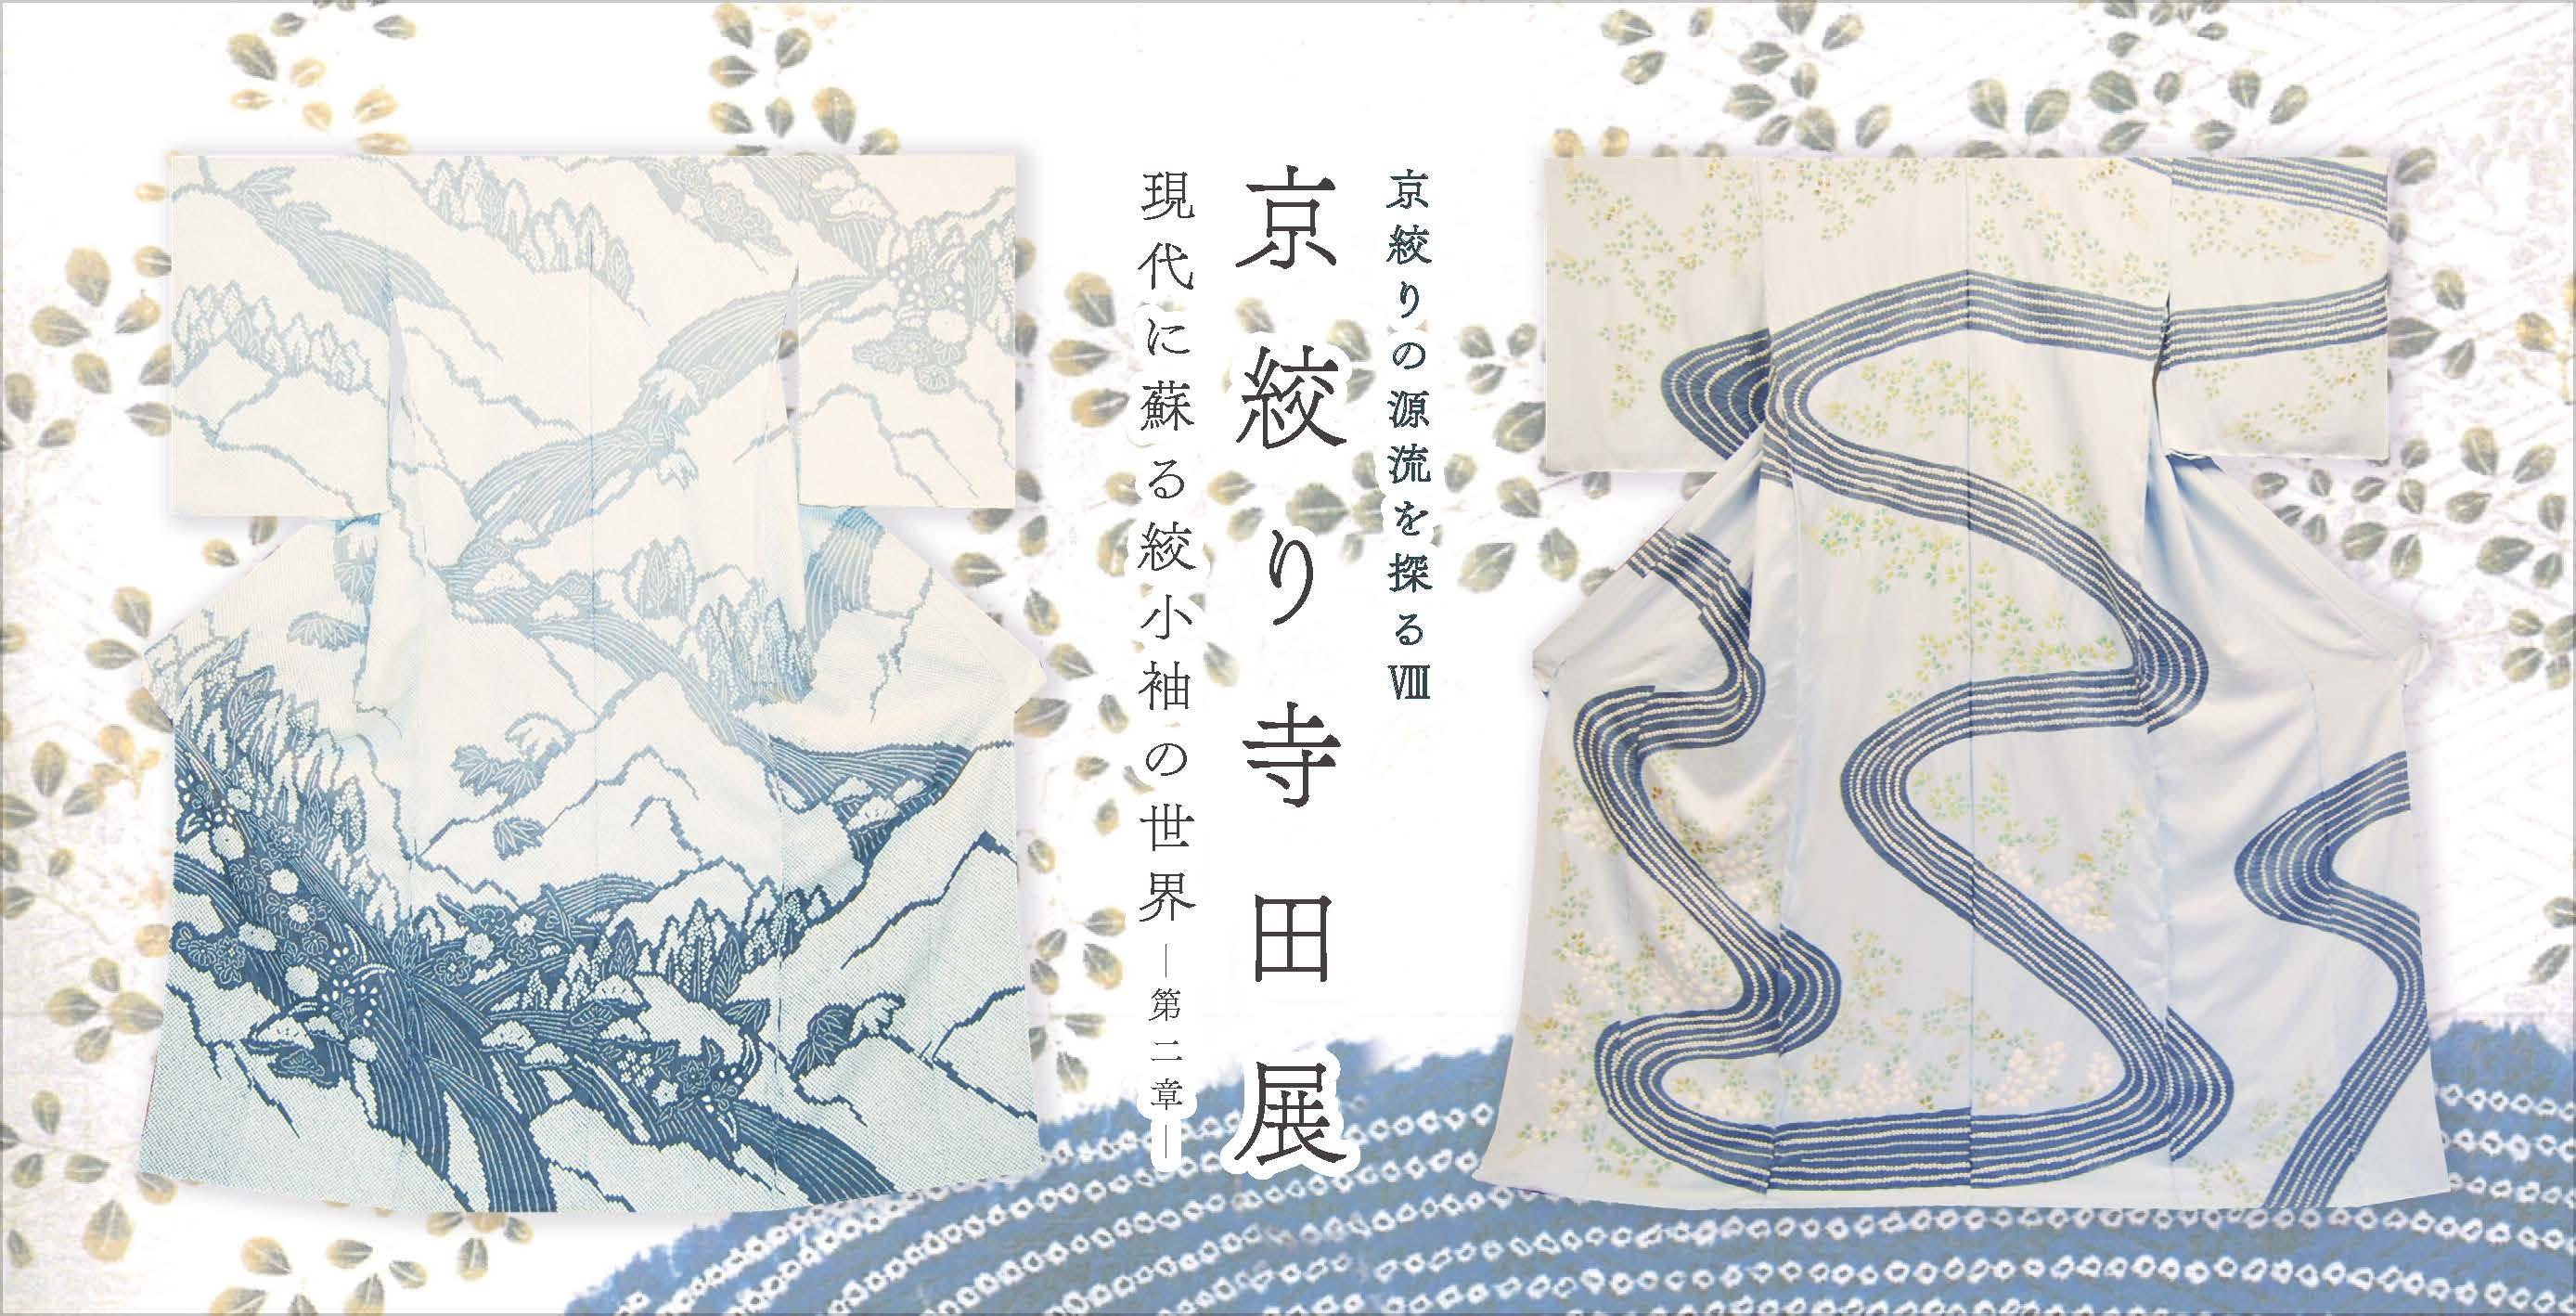 京絞りの源流を探るⅧ京絞り寺田展現代に蘇る小袖の世界ー第二章ー